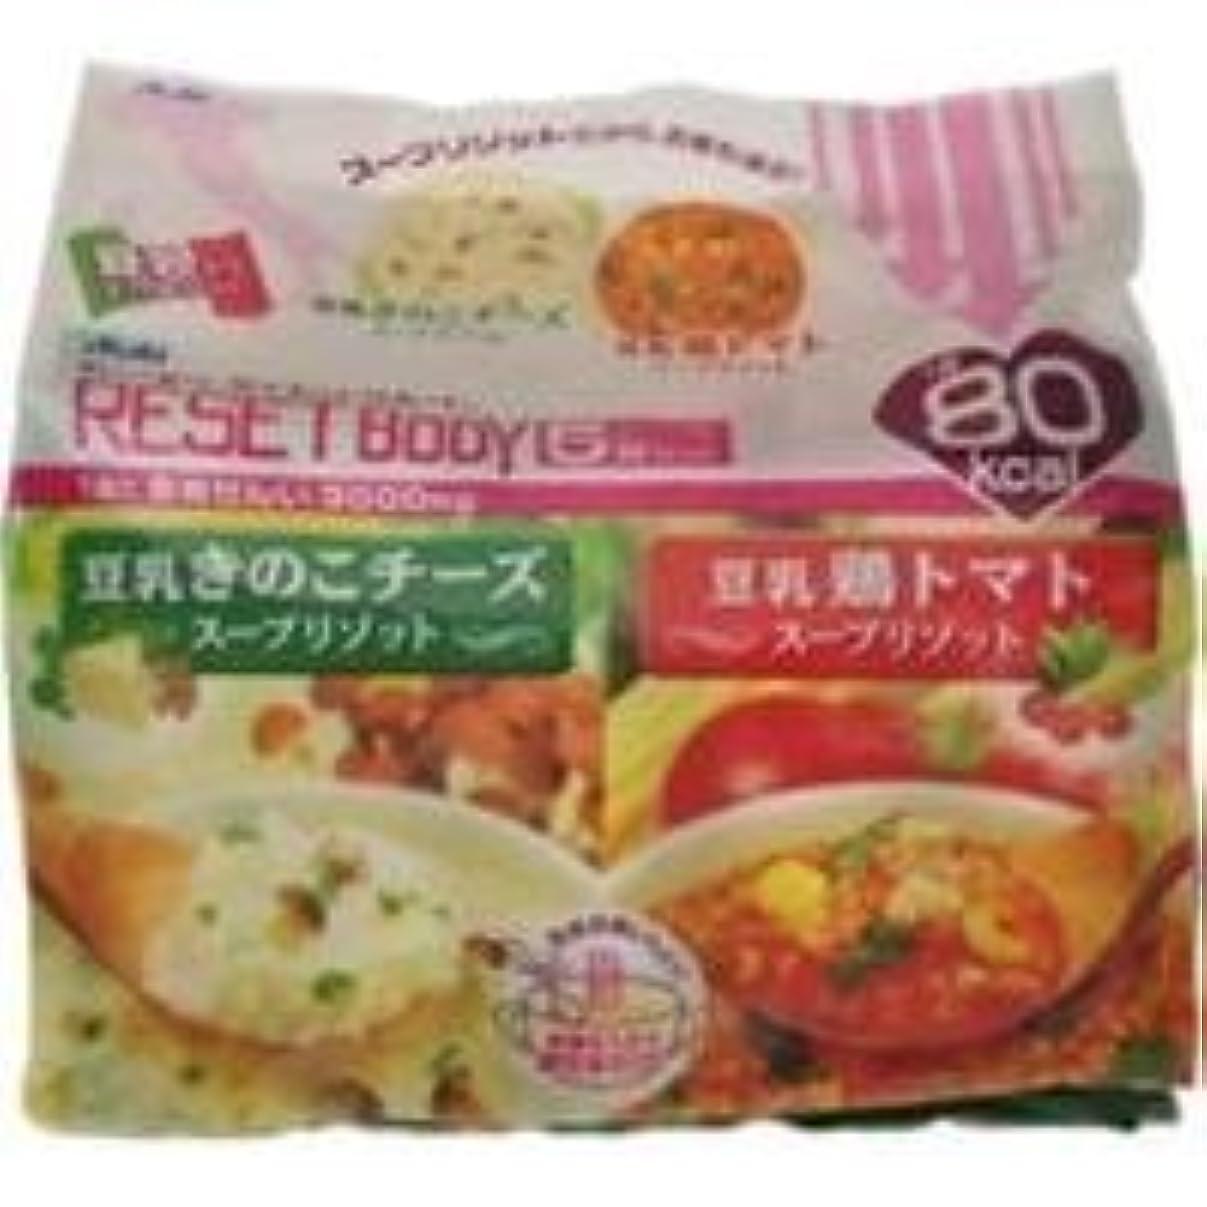 問い合わせる路面電車タワーリセットボディ リセットボディ 豆乳きのこチーズ&鶏トマトスープリゾット 5食 きのこ3食+???2食 1袋